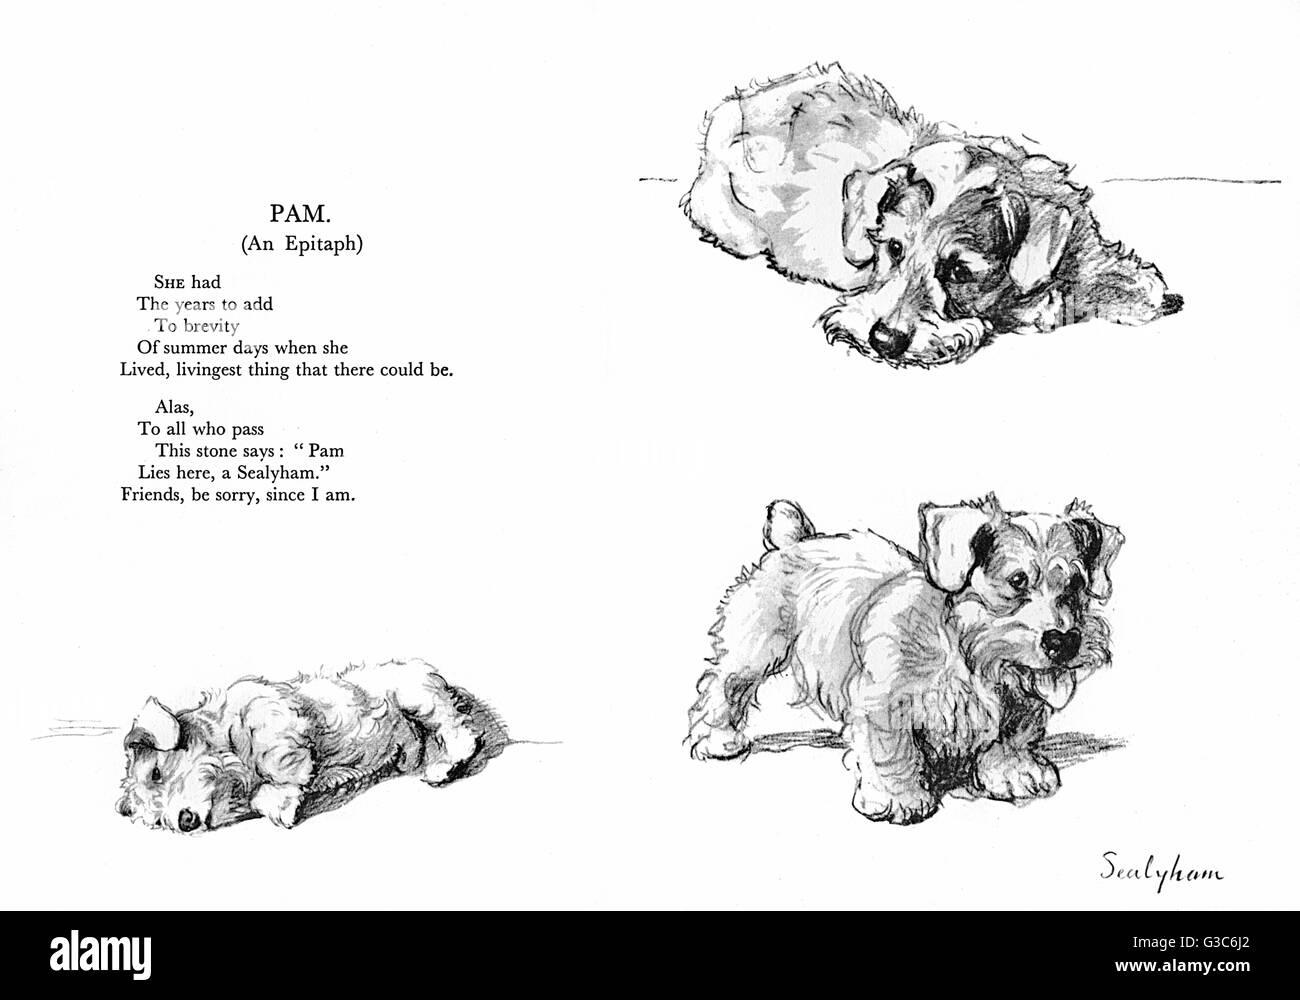 Drei Abbildungen von einem Sealyham Terrier (Pam) von Cecil Aldin, mit einer poetischen Epitaph von Patrick R Chalmers. Stockbild